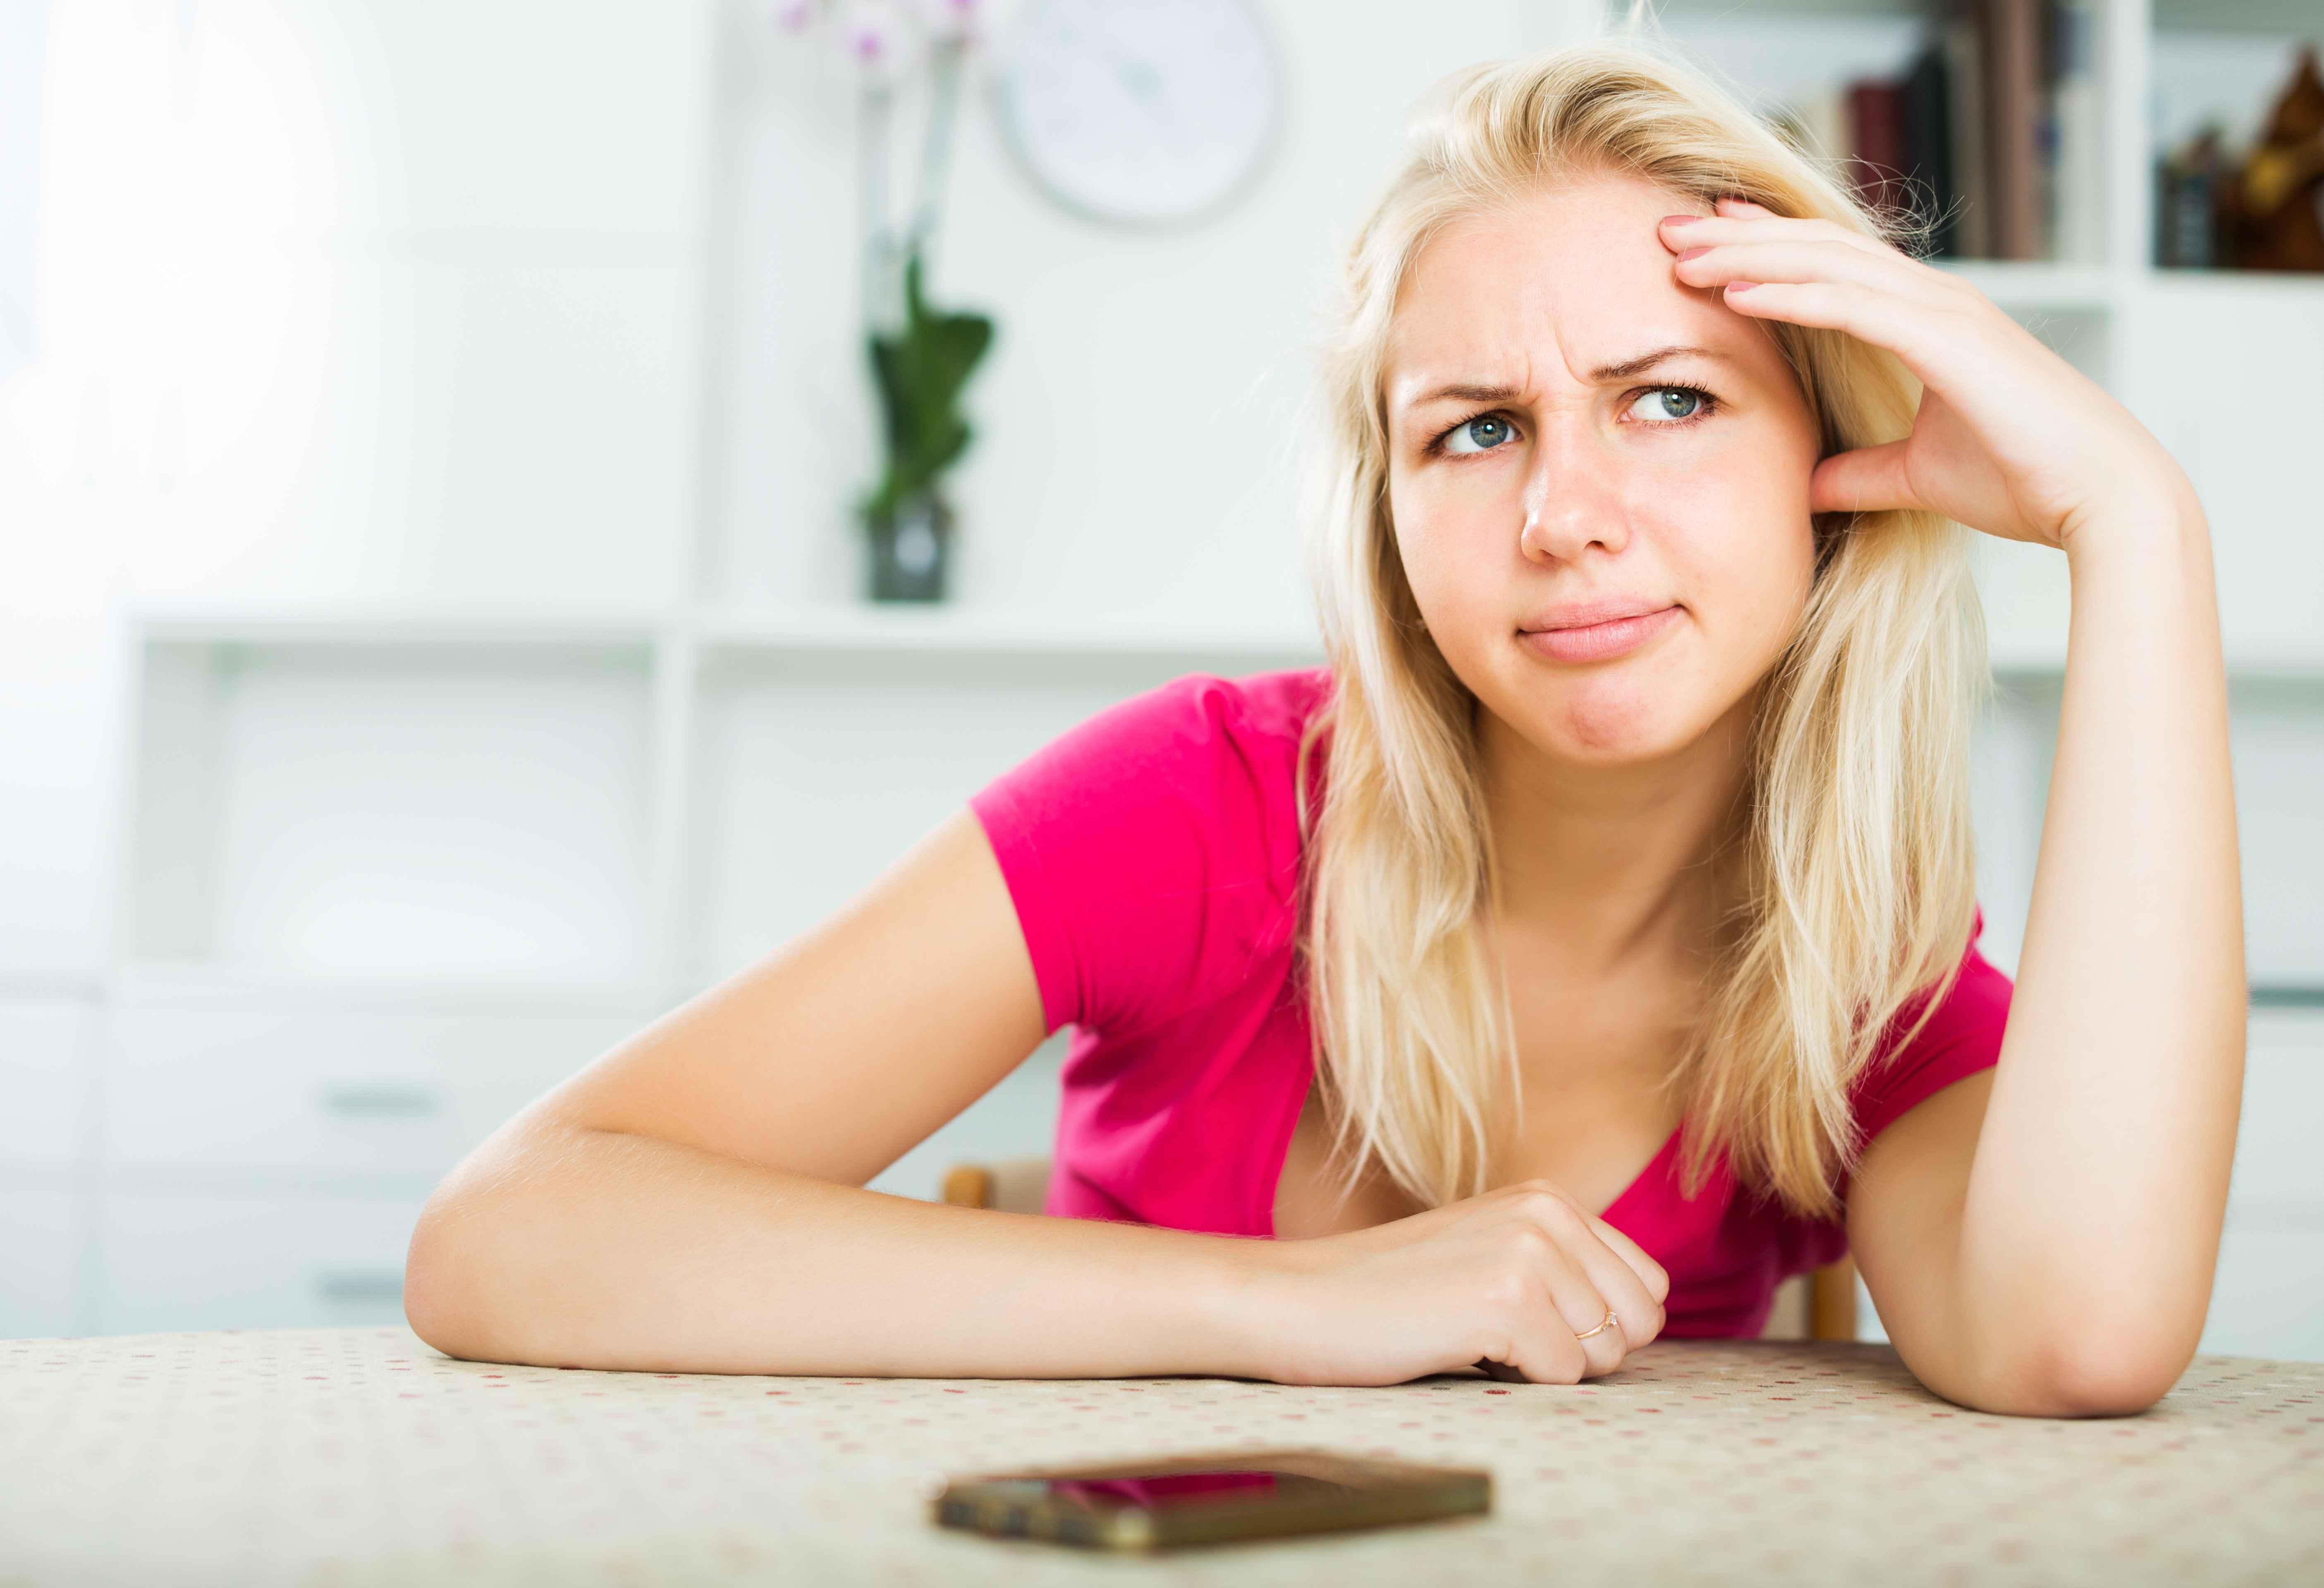 鼻部整形价格是多少钱鼻部整形适应症有哪些